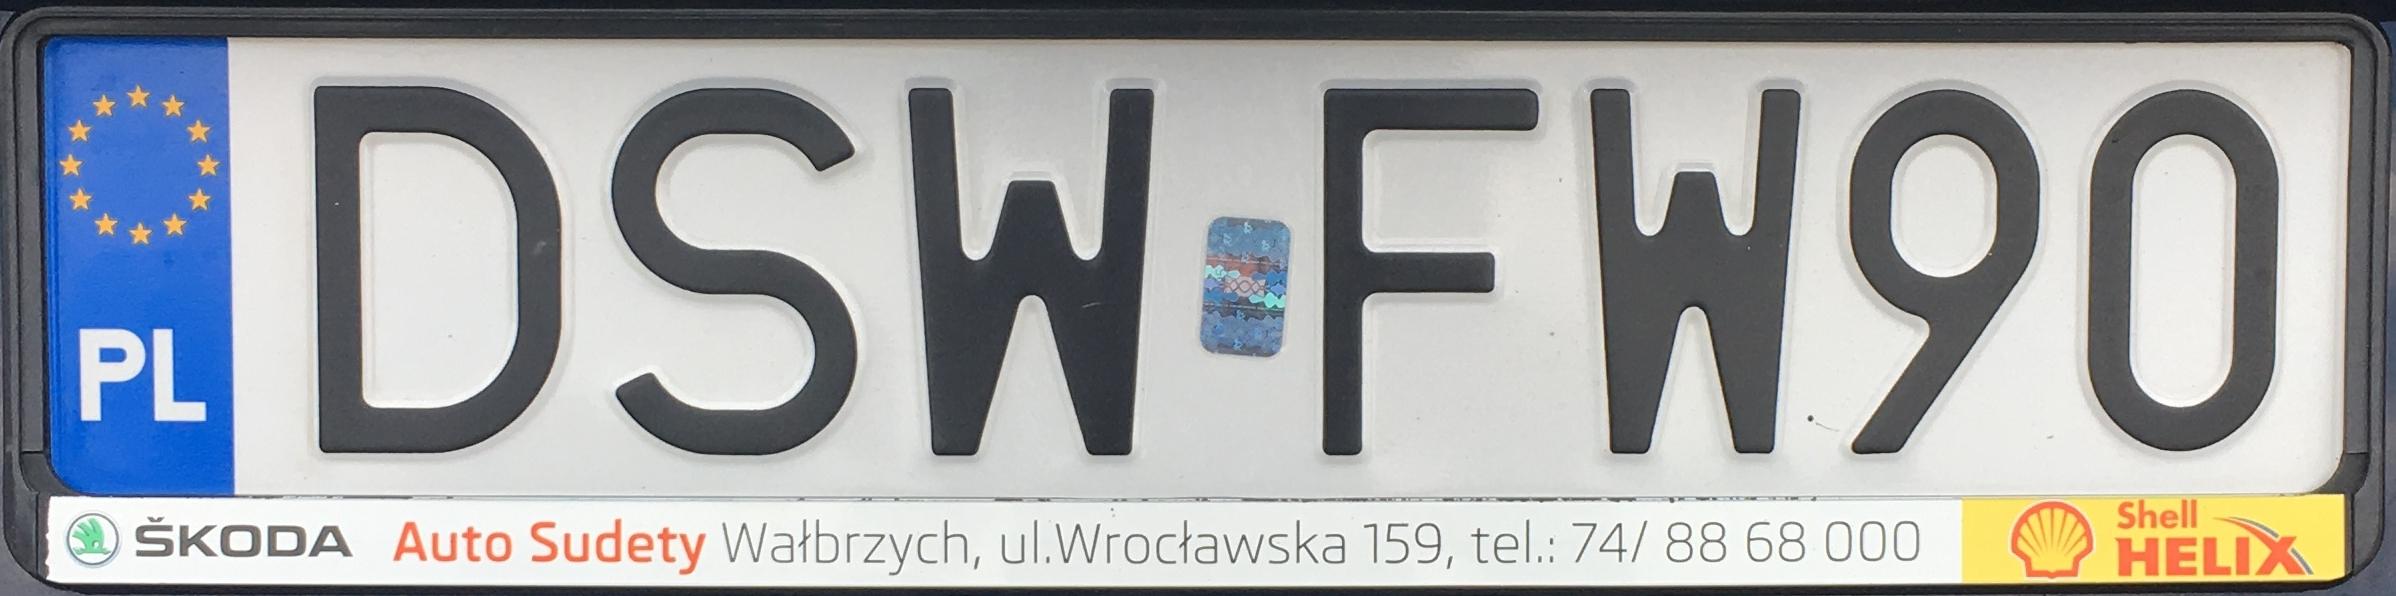 Registrační značka Polsko – DSW - Świdnica, foto: www.podalnici.cz